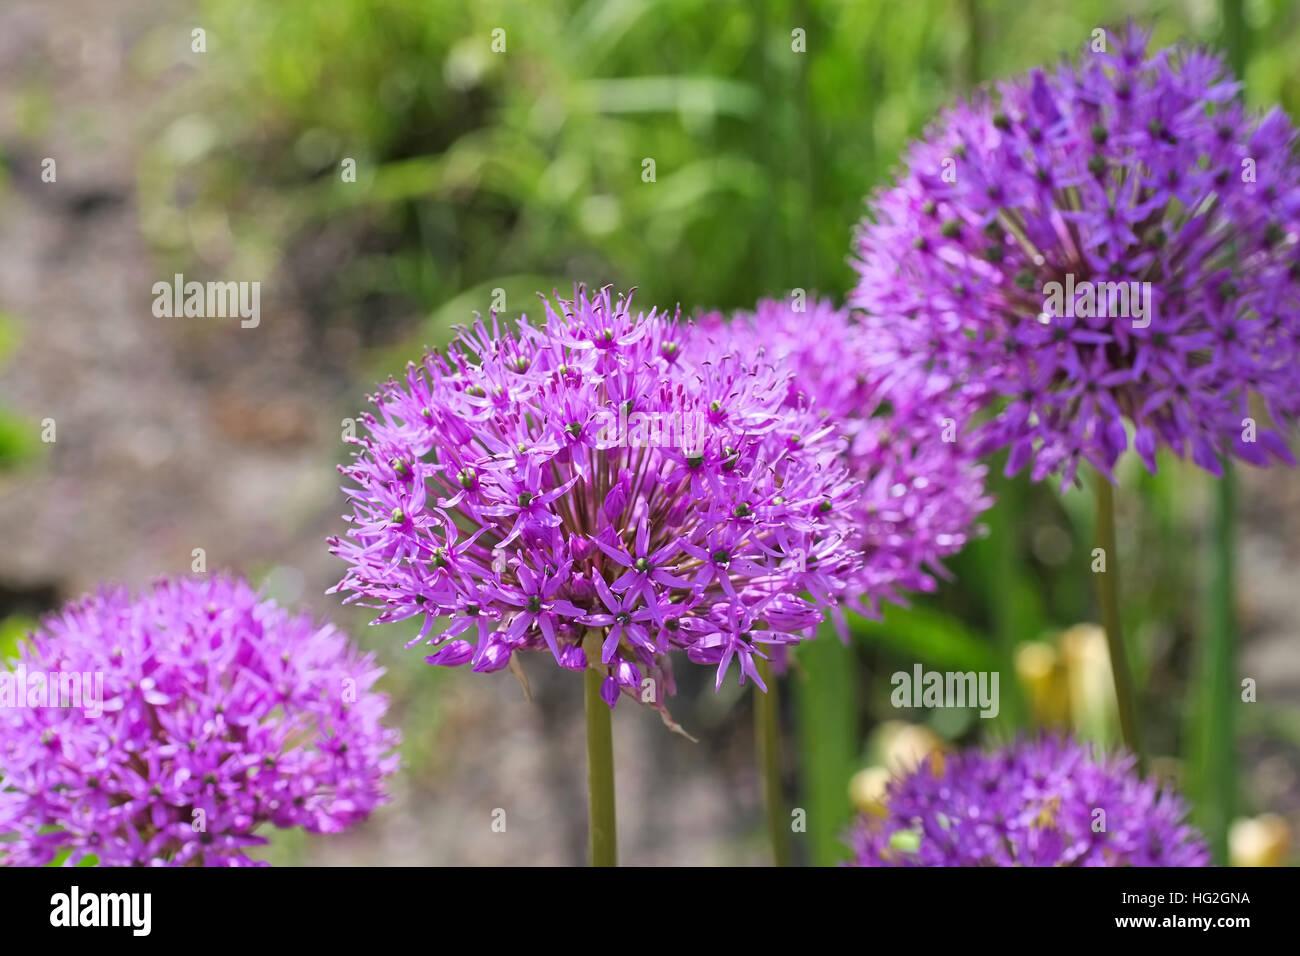 Zierlauch , lila Blumen im Garten - ornamental onion Allium, purple flower balls in garden - Stock Image